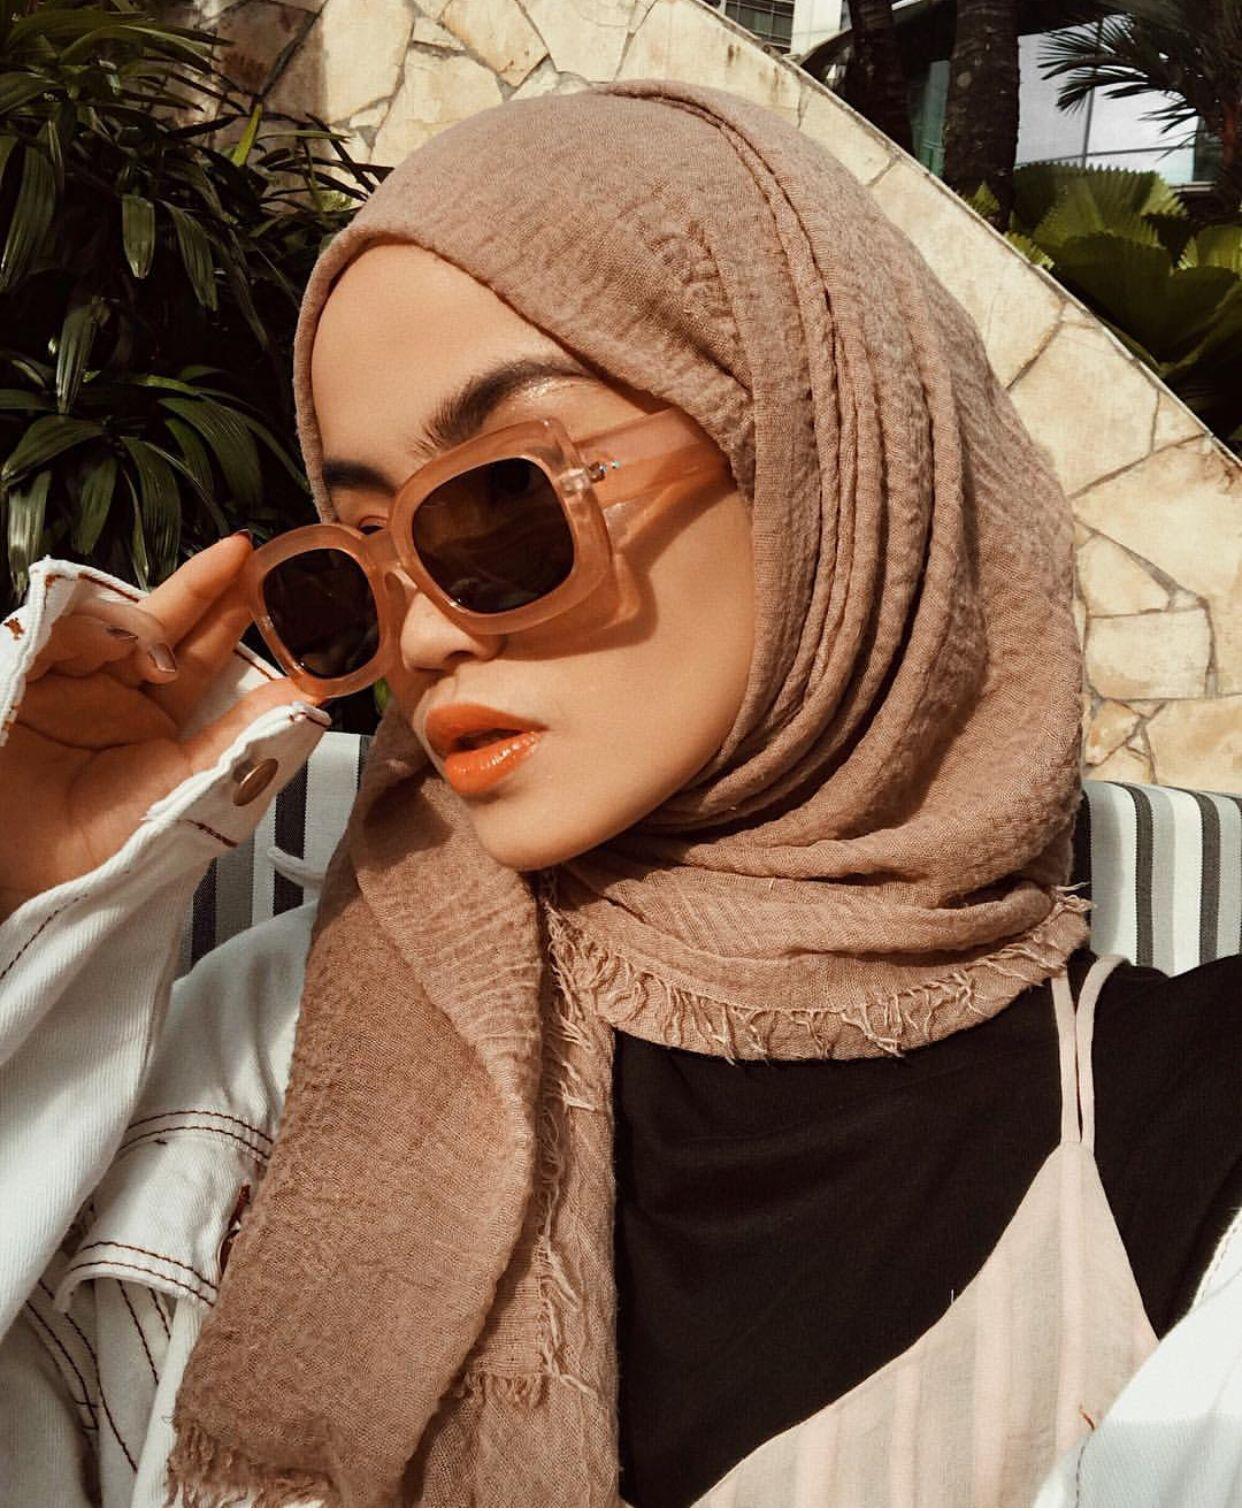 Pin Oleh Maryam Di Shades Gaya Hijab Model Pakaian Hijab Gaya Jalanan Wanita